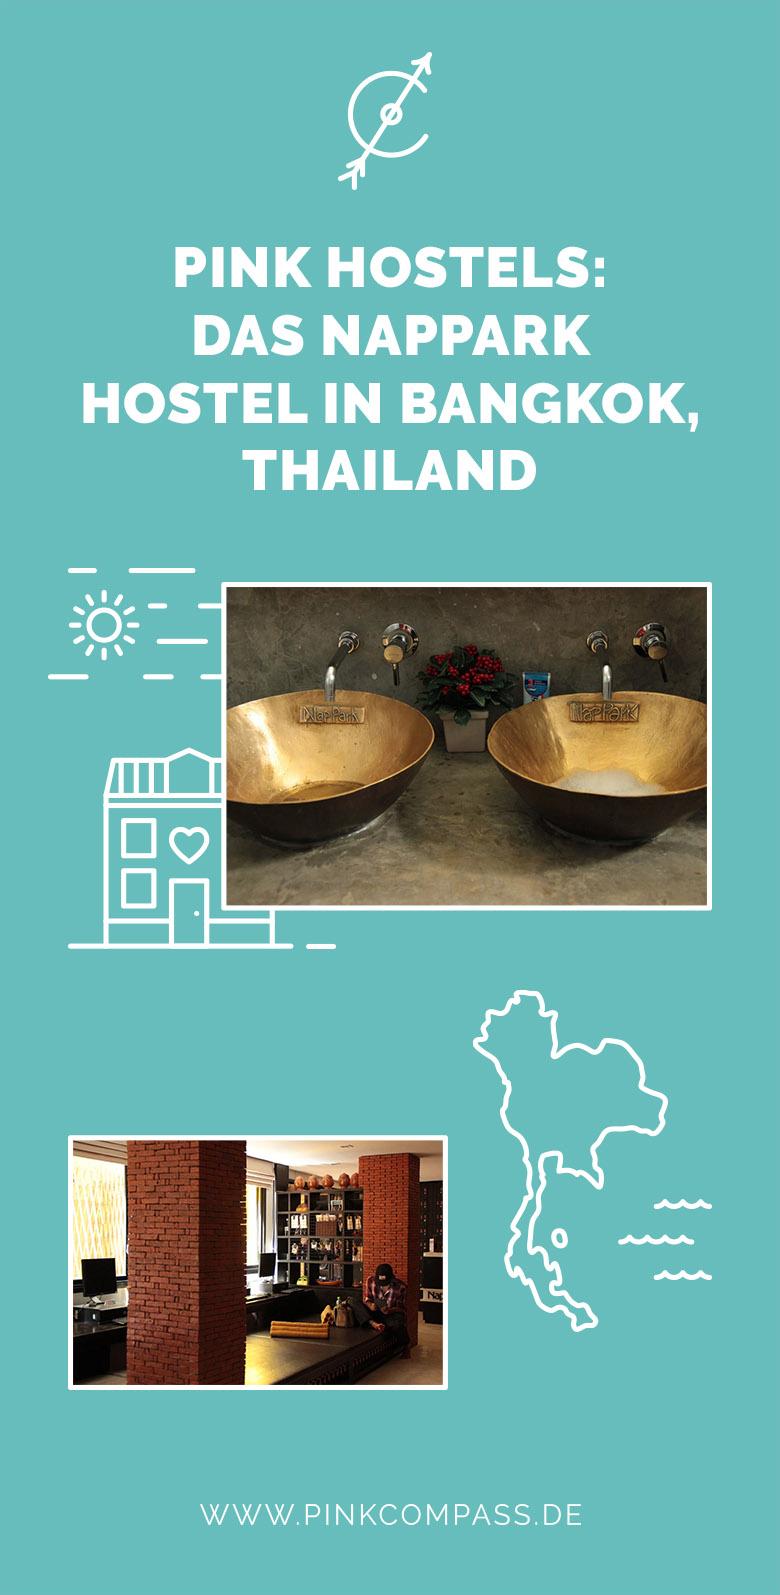 Meine Hostel-Empfehlung für Bangkok, Thailand: Das Nappark Hostel (Pink Hostels)